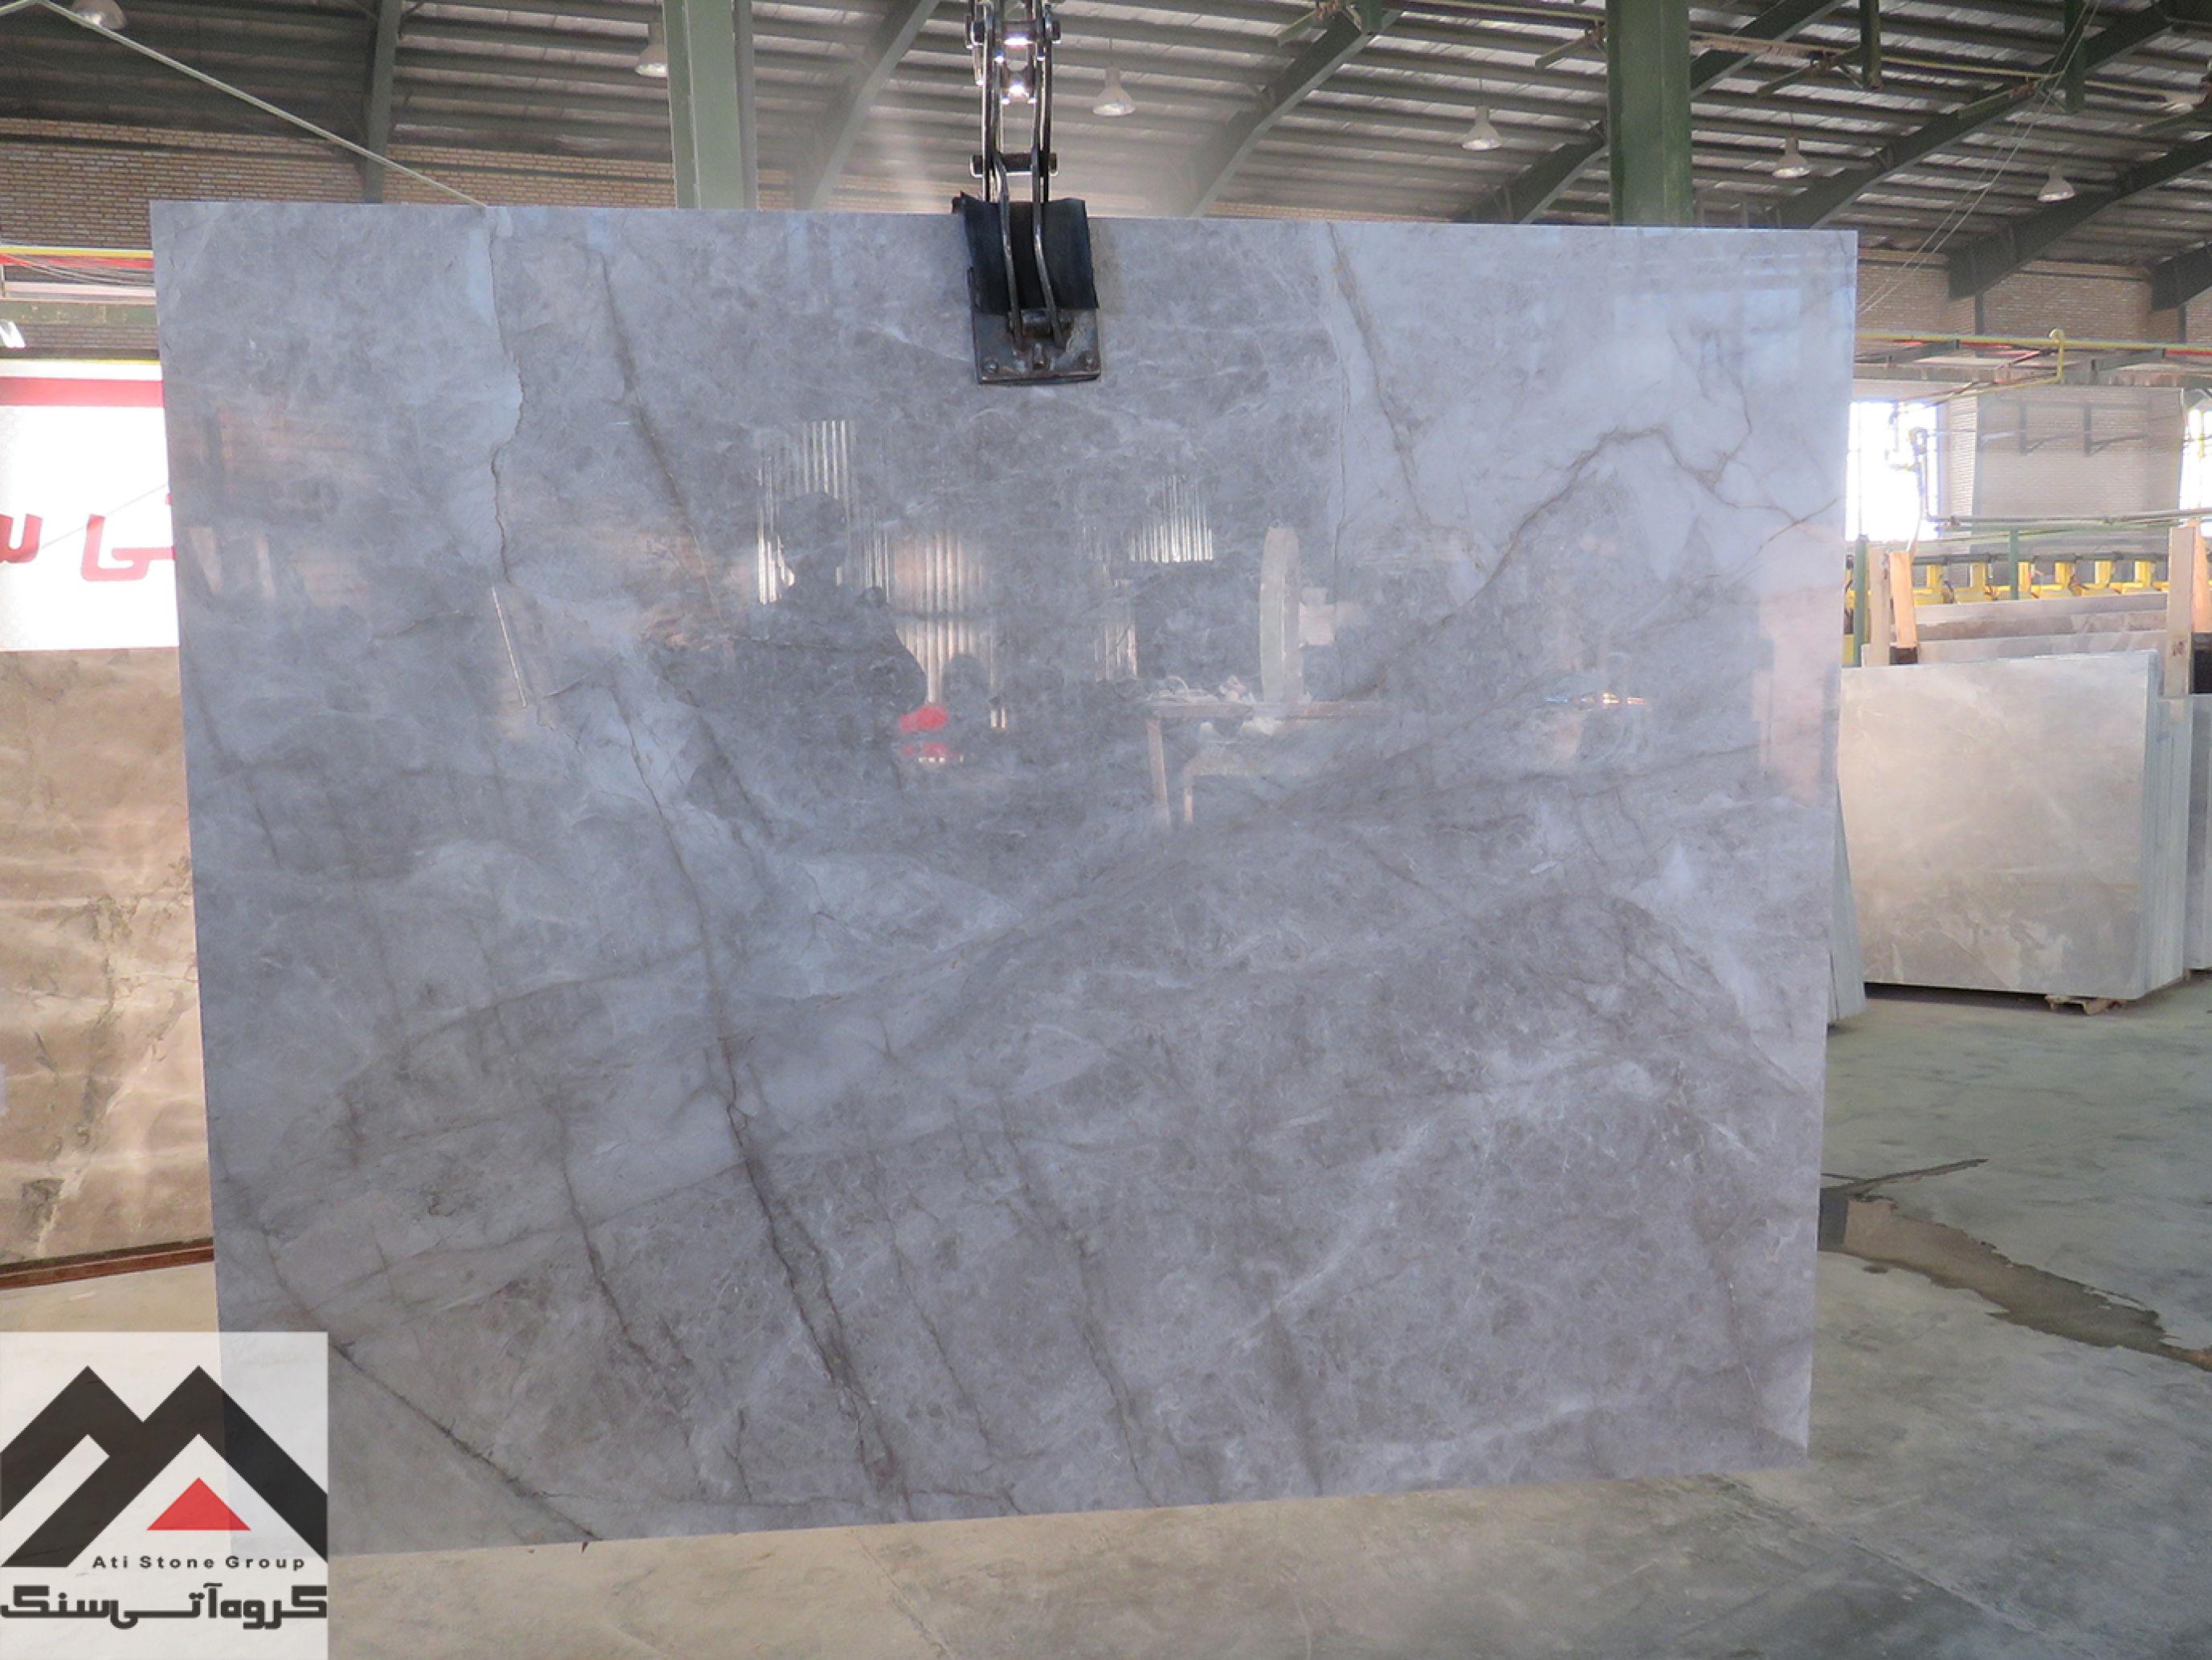 طرح و رنگ متنوع سنگ های ساختمانی, جامع ترین سایت فروش سنگ مرمریت, ضامن قیمت, ضامن کیفیت, سنگ نما, طراحی نمای ساختمان